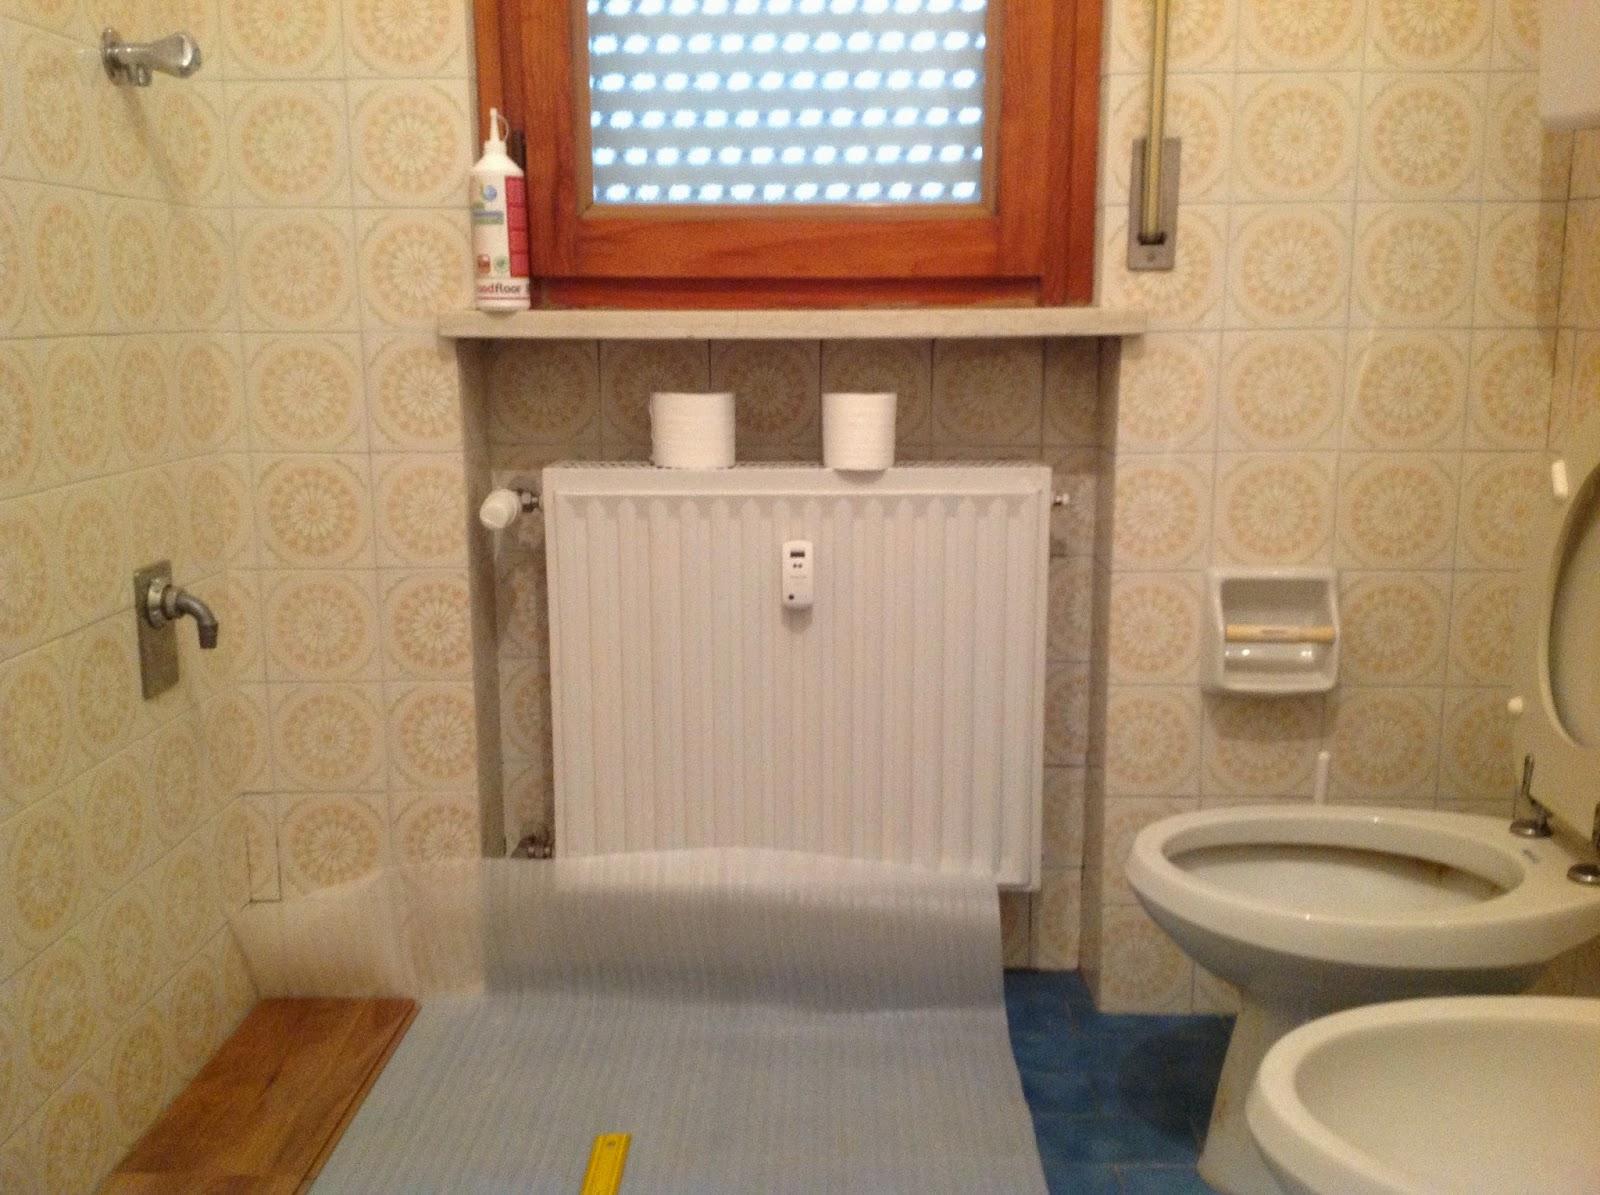 Piastrelle per un bagno piccolo idee per piastrellare un bagno